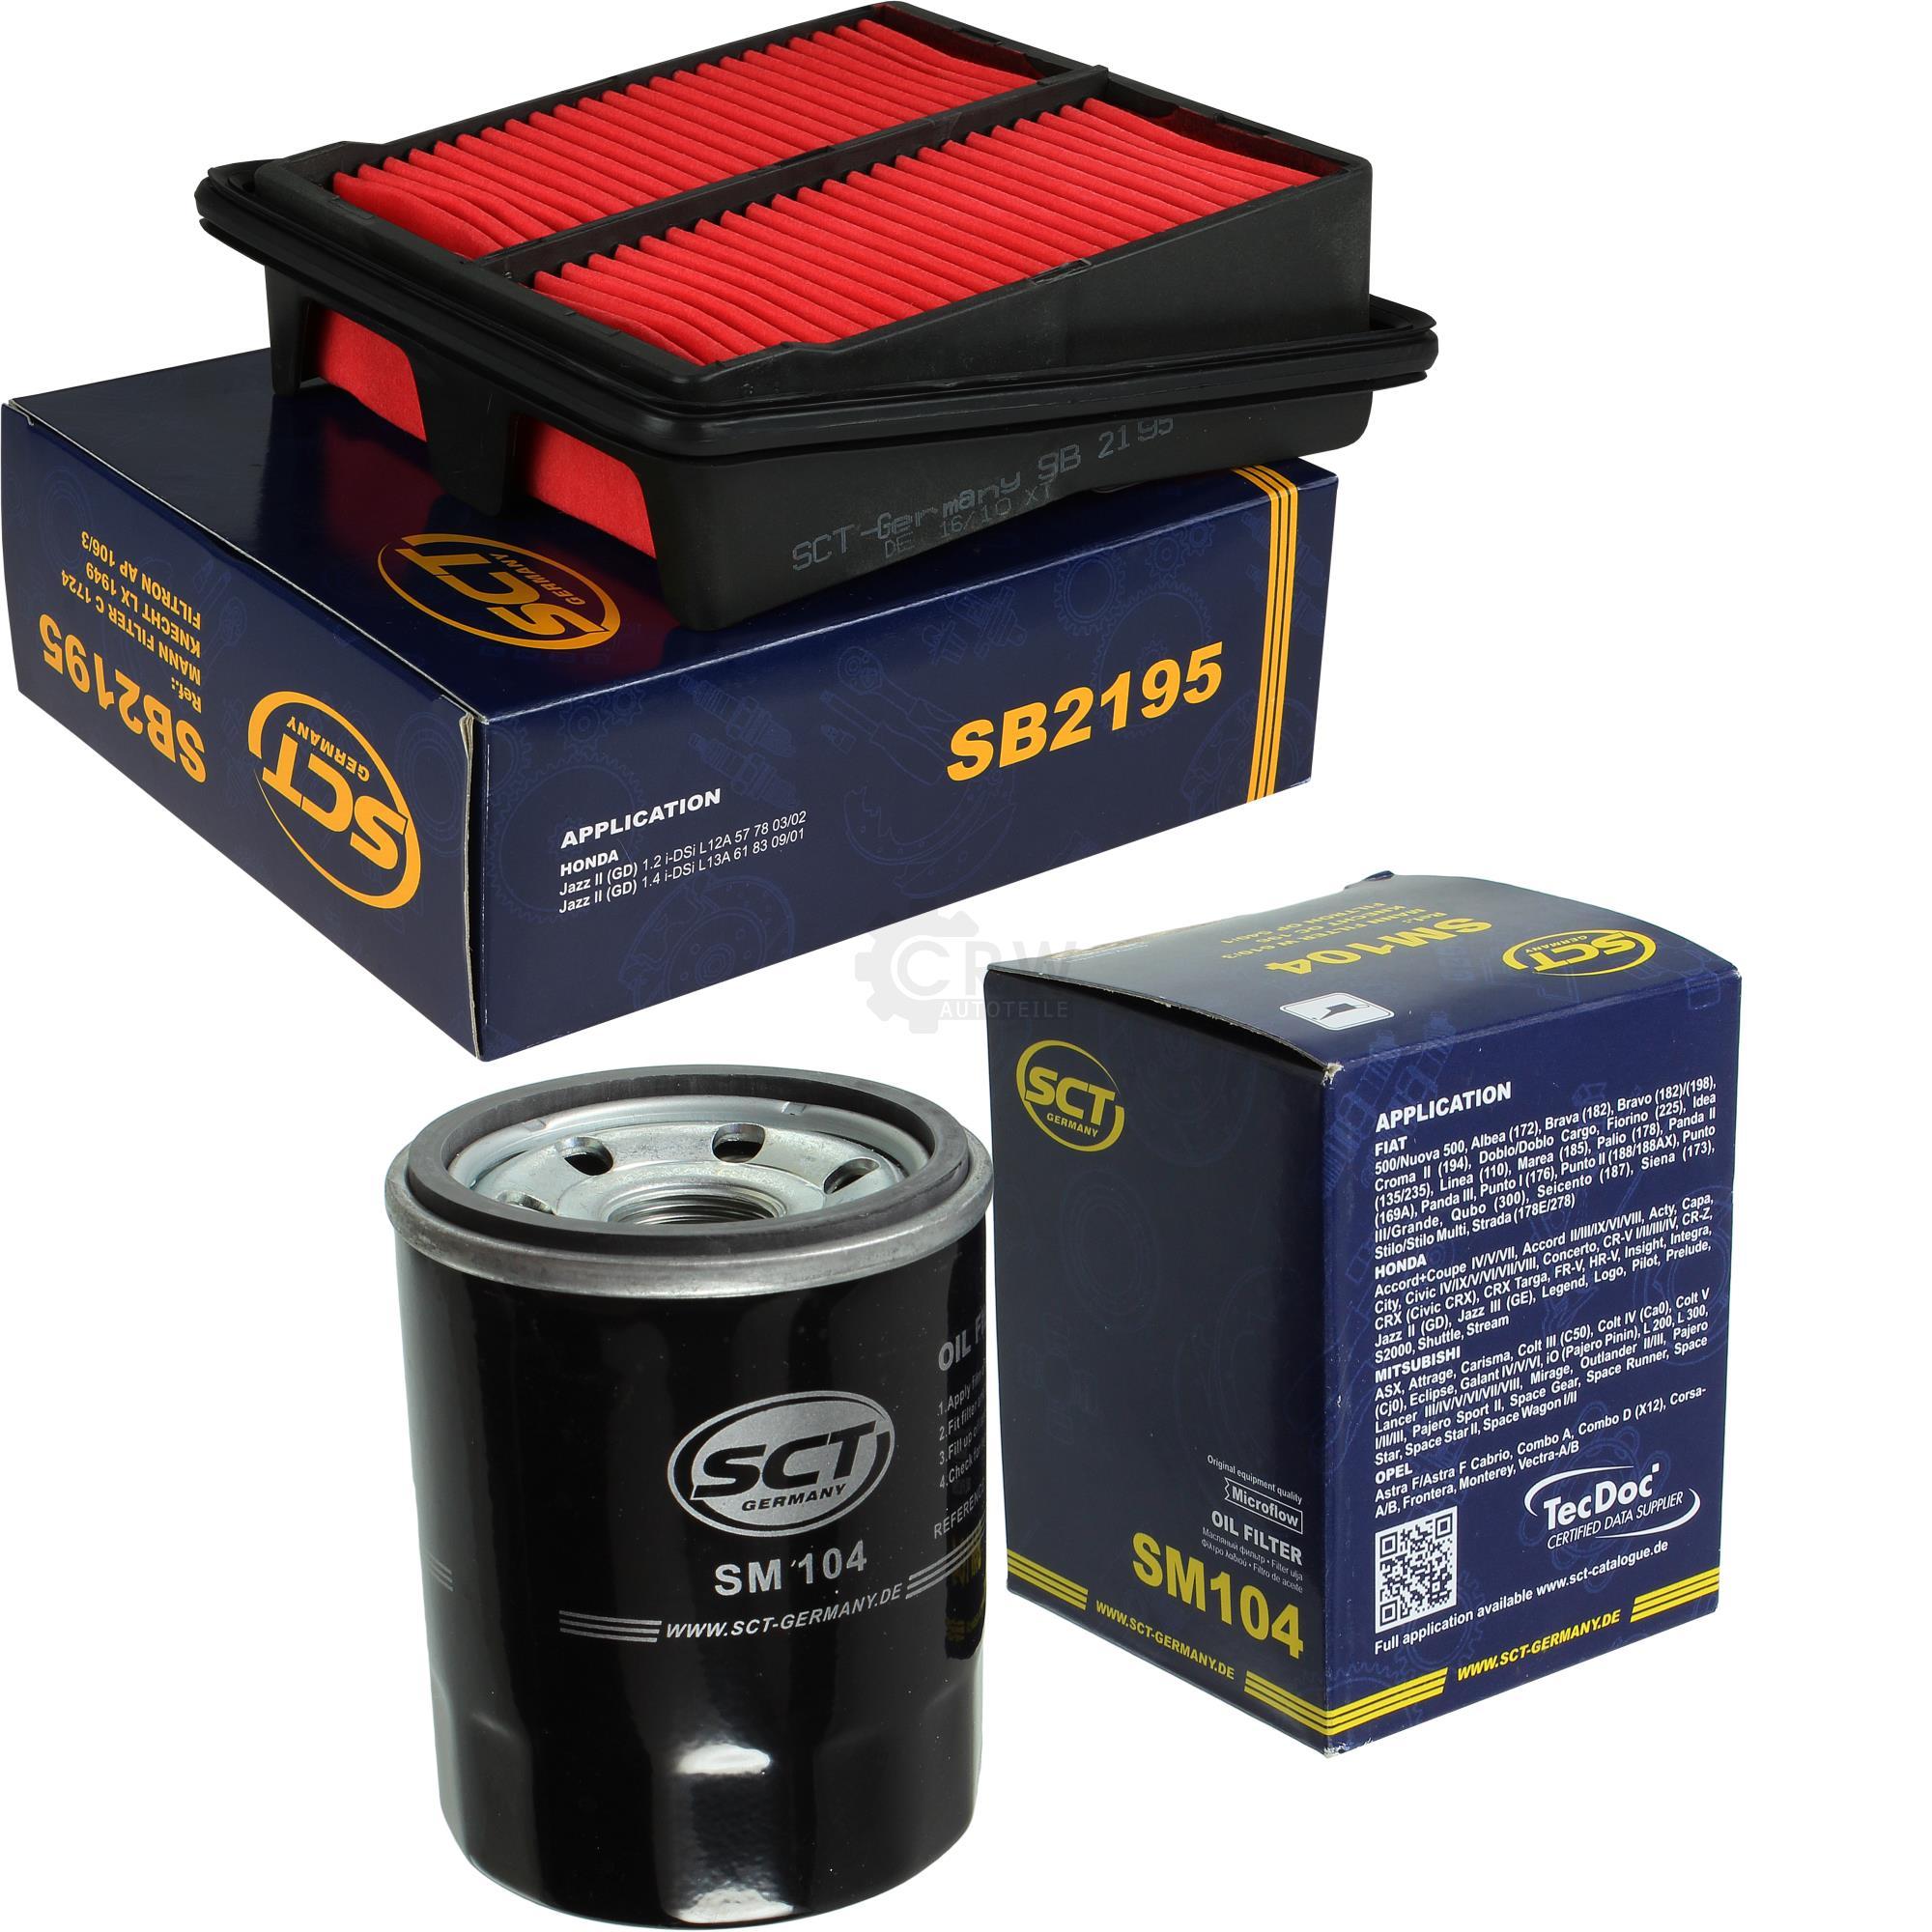 SCT Germany Inspektions Set Inspektionspaket Luftfilter /Ölfilter Innenraumfilter Kraftstofffilter